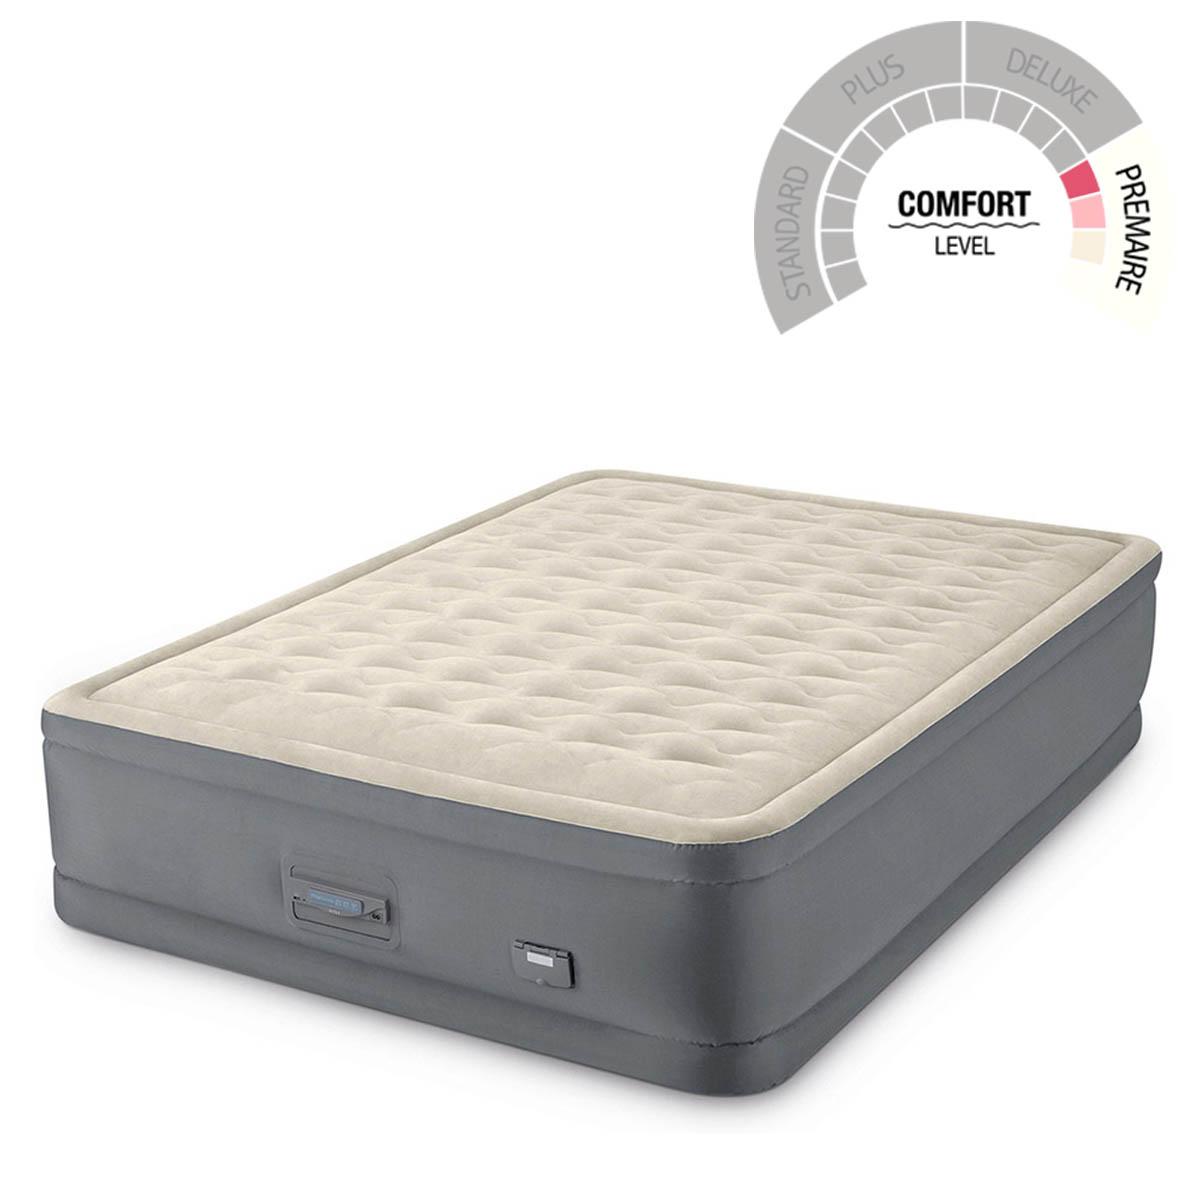 Colchon Inflable Queen + Entrada USB Y Bomba 64925EP Intex